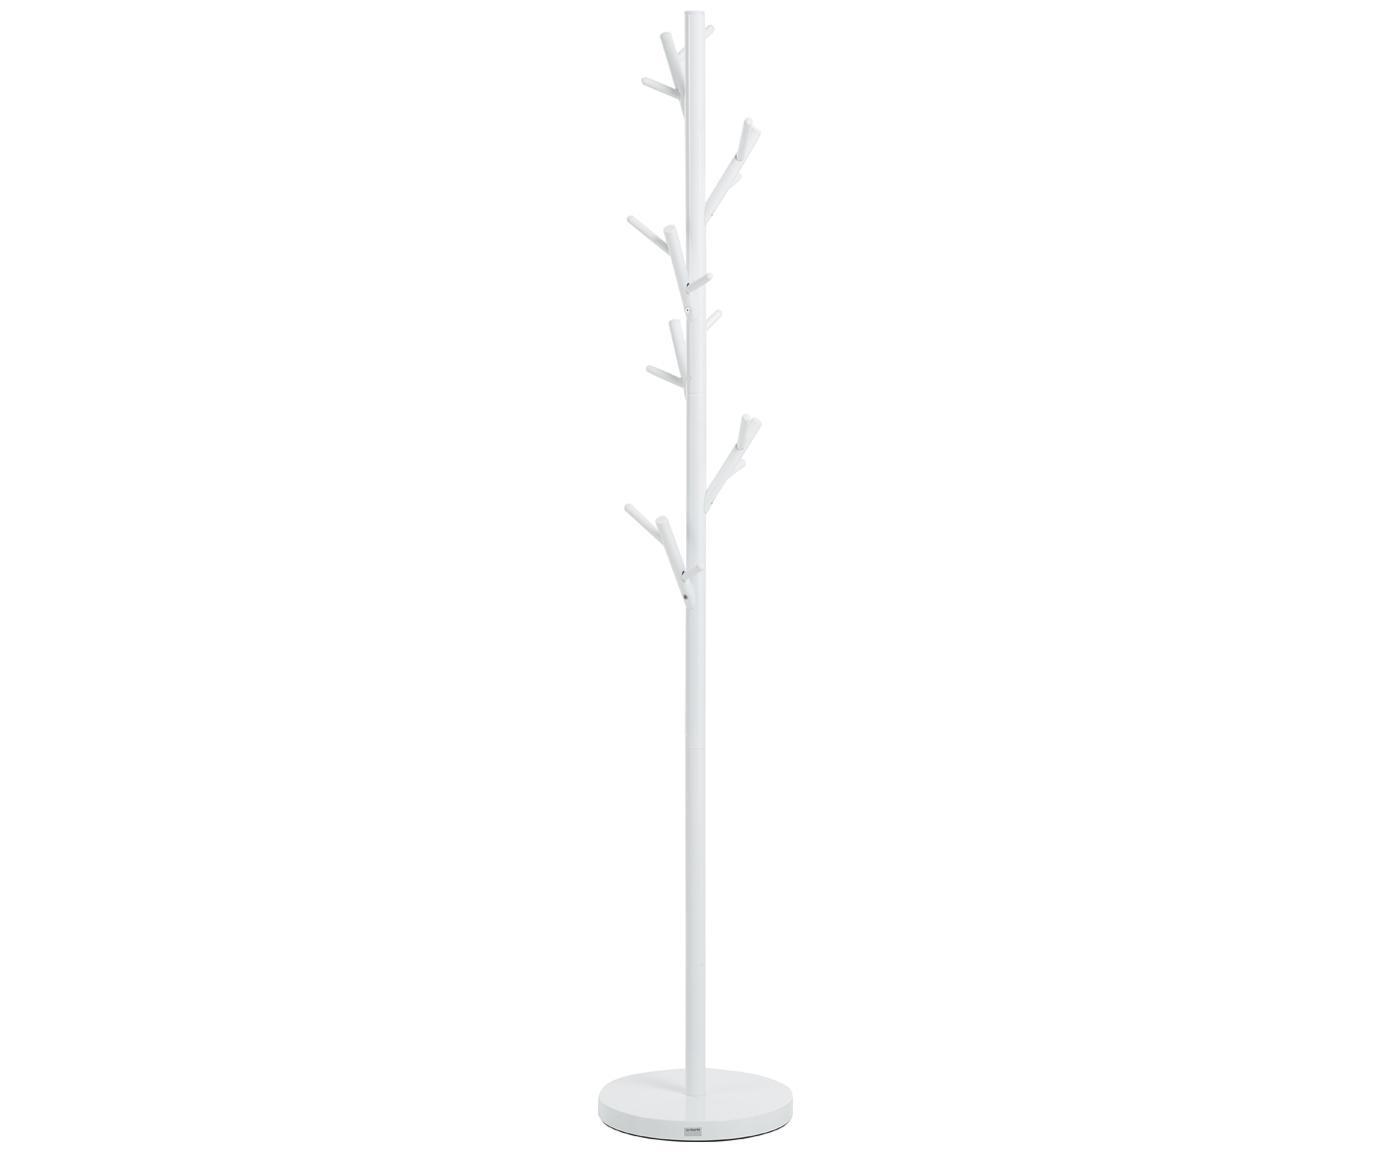 Wieszak stojący Tree, Stal malowana proszkowo, Biały, Ø 28 x W 170 cm